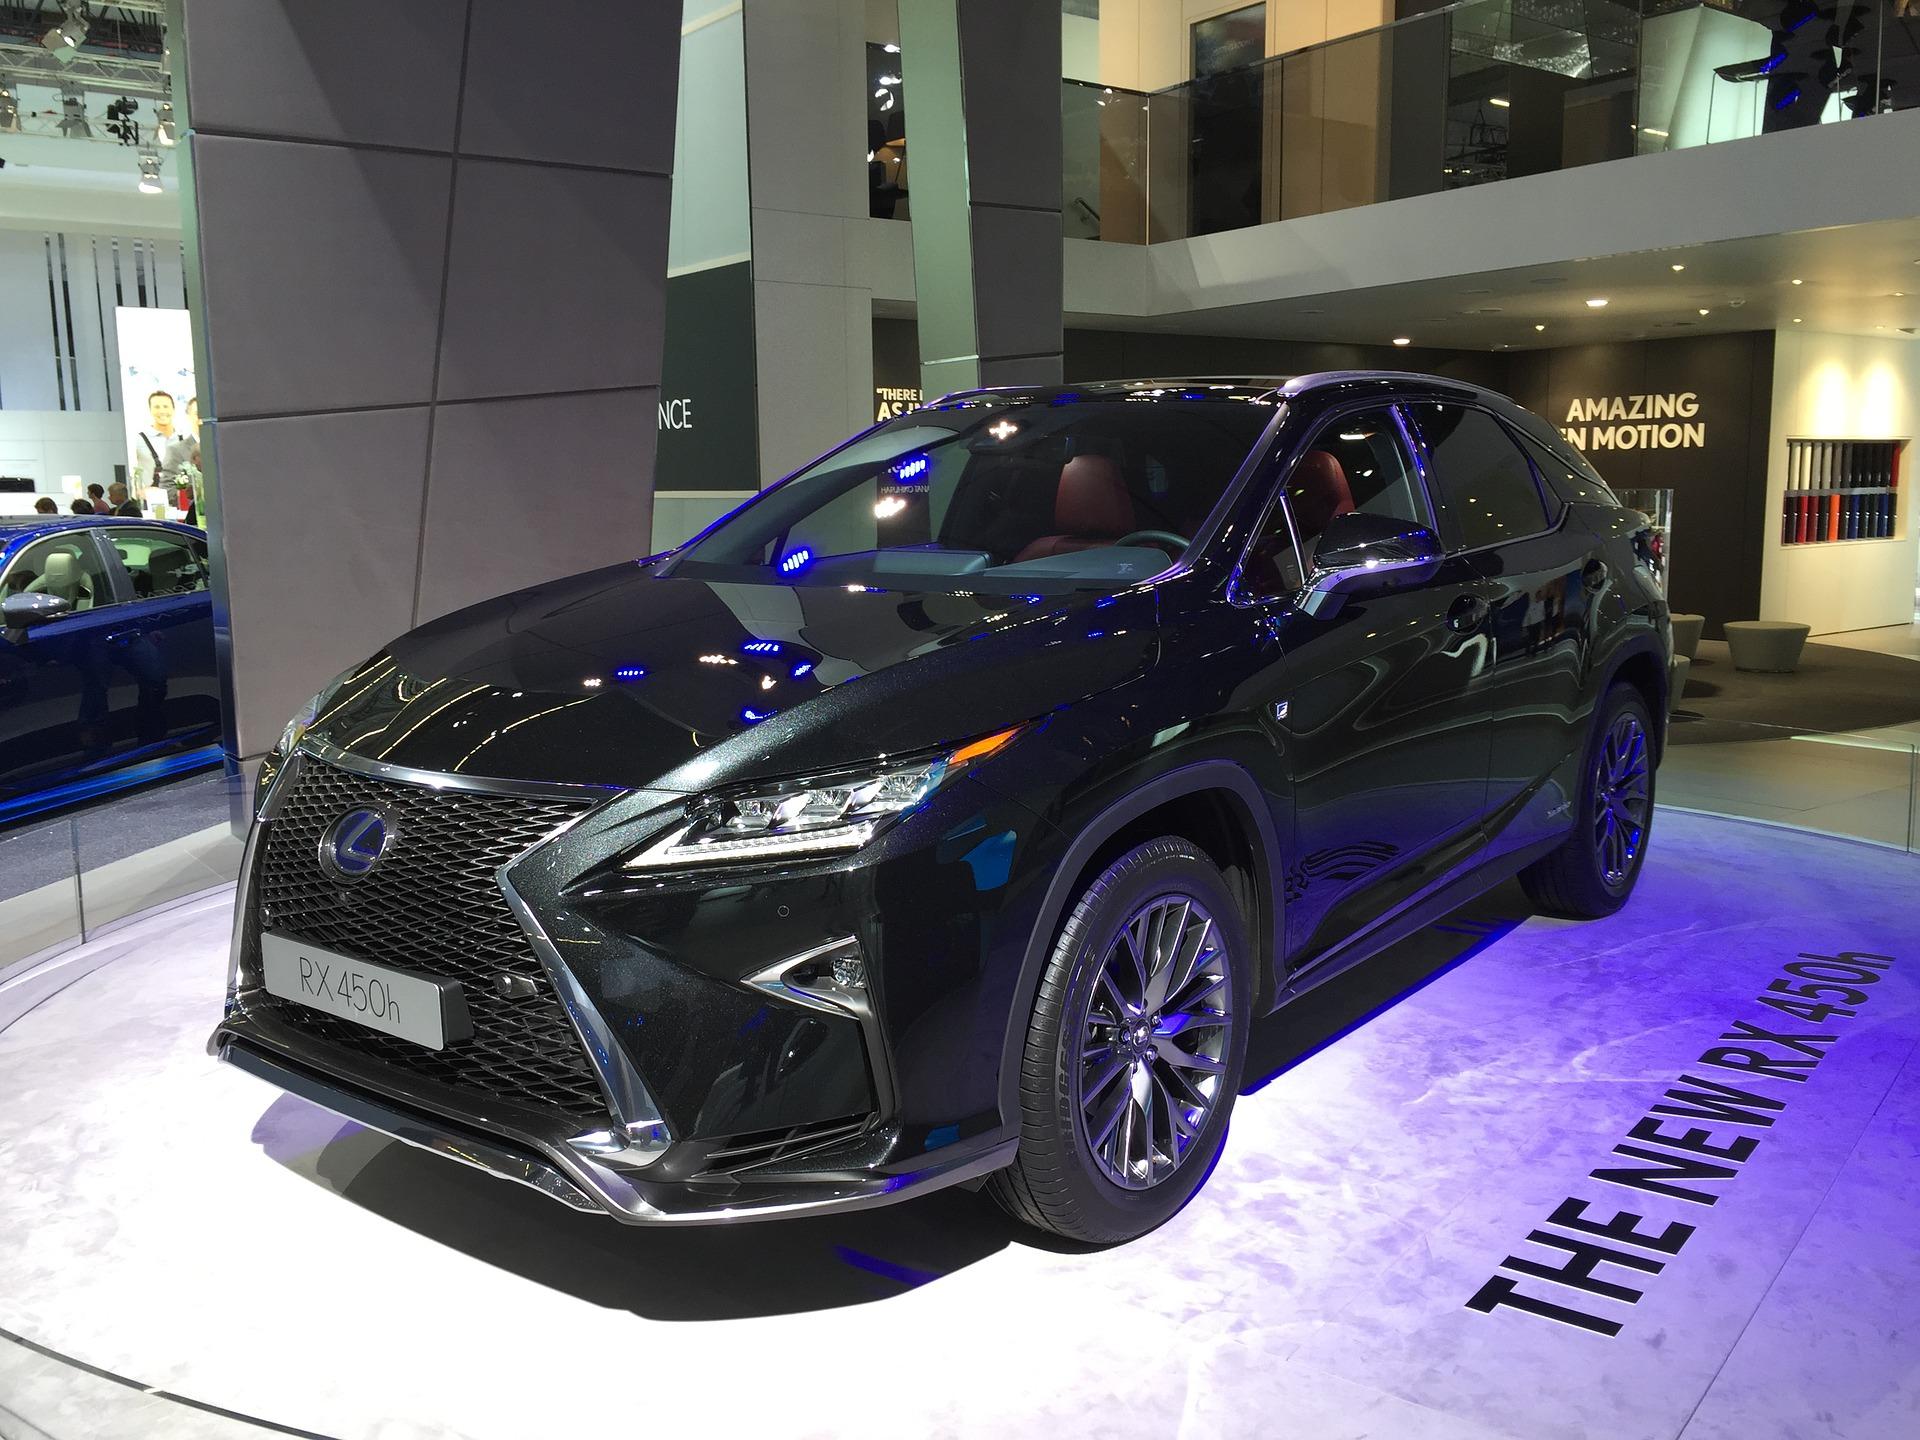 Lexus RX commercial - on Zach's website